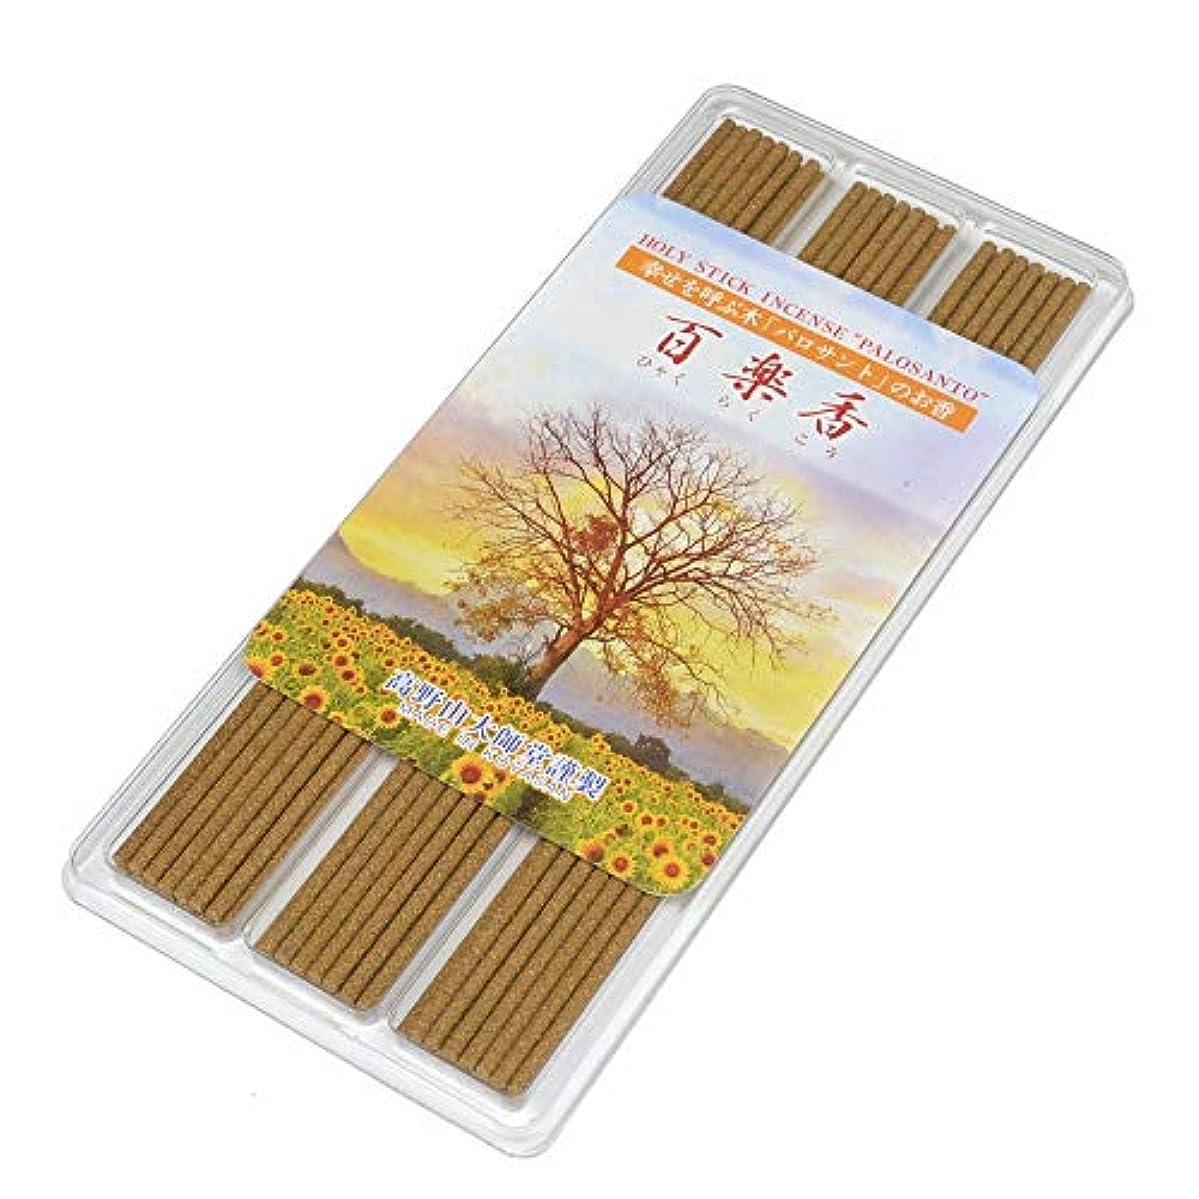 ビート申し立てジェスチャー幸運の木「パロサント」のお香【徳用】Palo Santo Incense